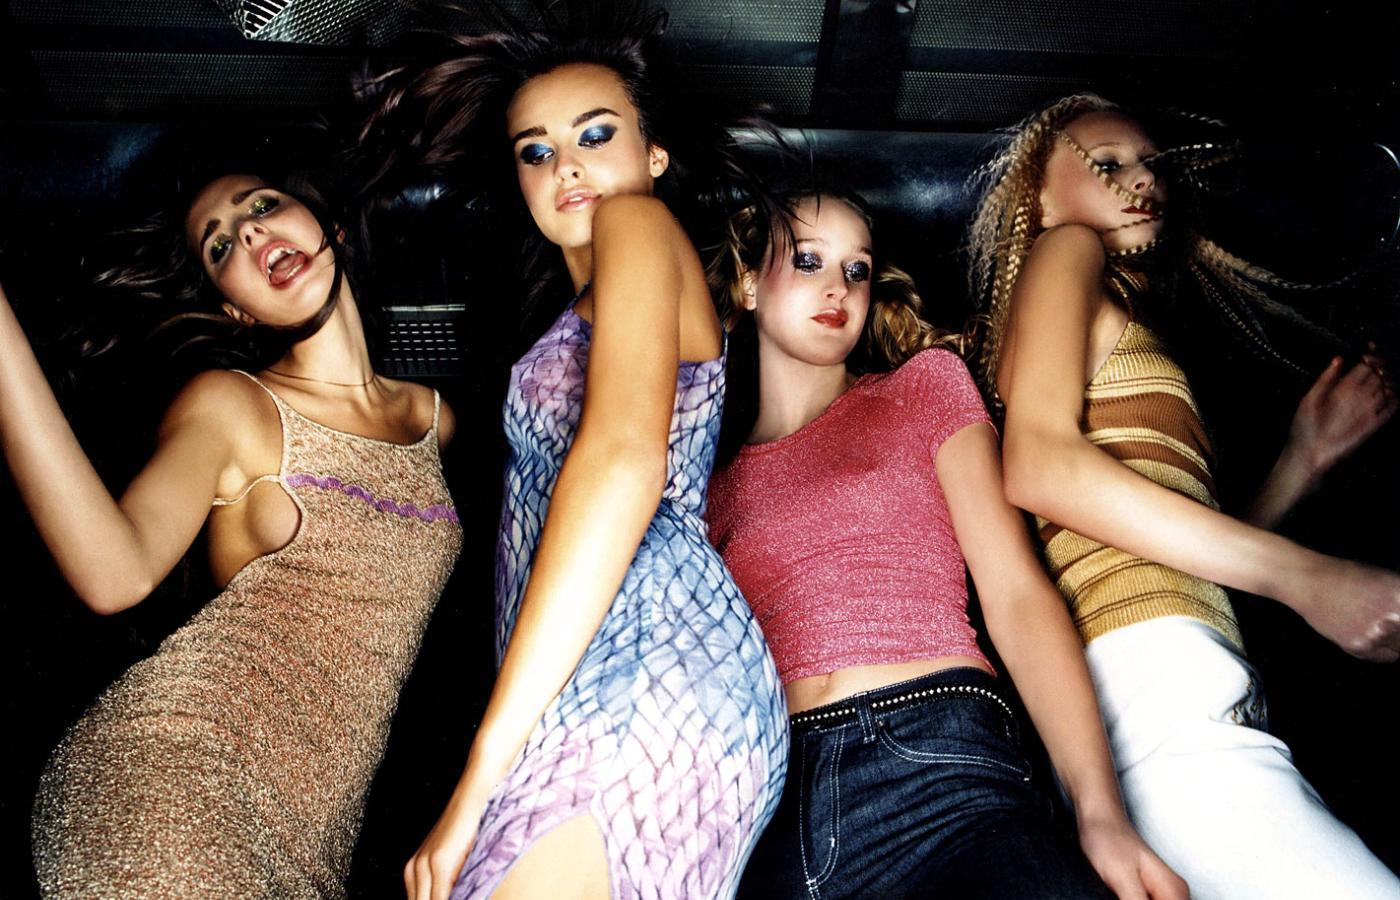 biały seks nastolatków wielki czarny kutas w białej kobiecie